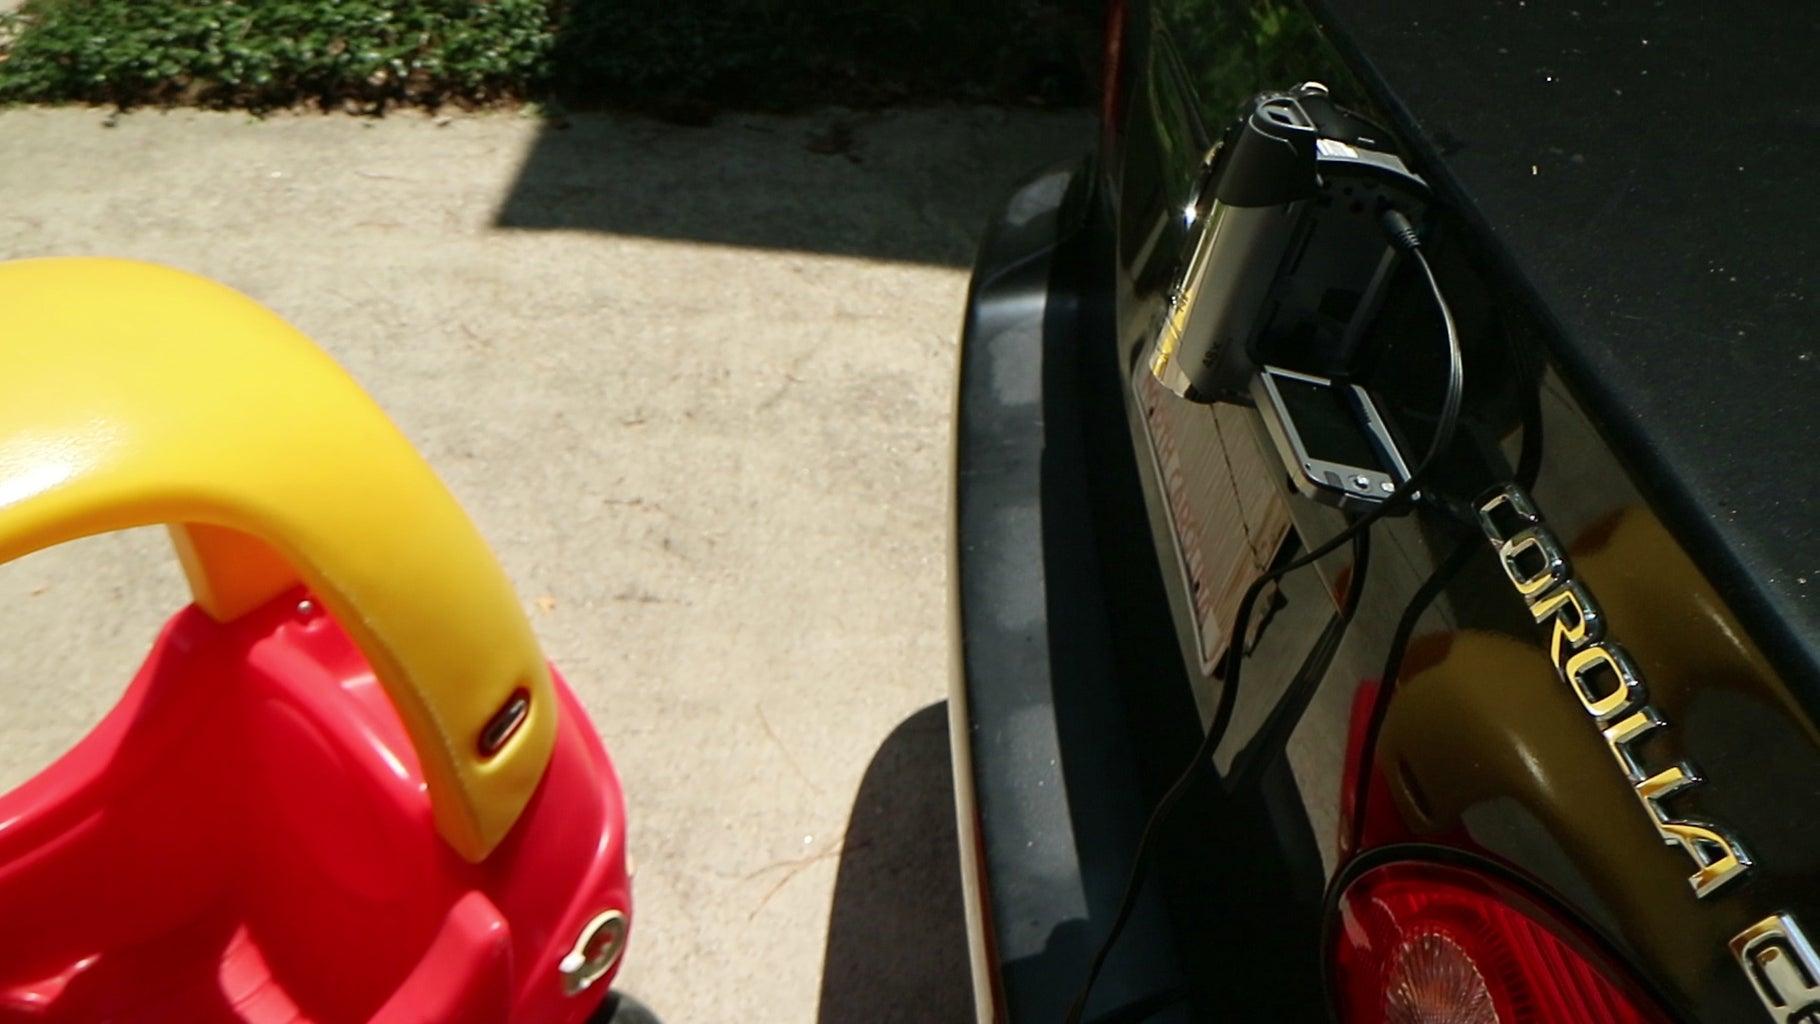 Upcycled Camcorder Backup Camera